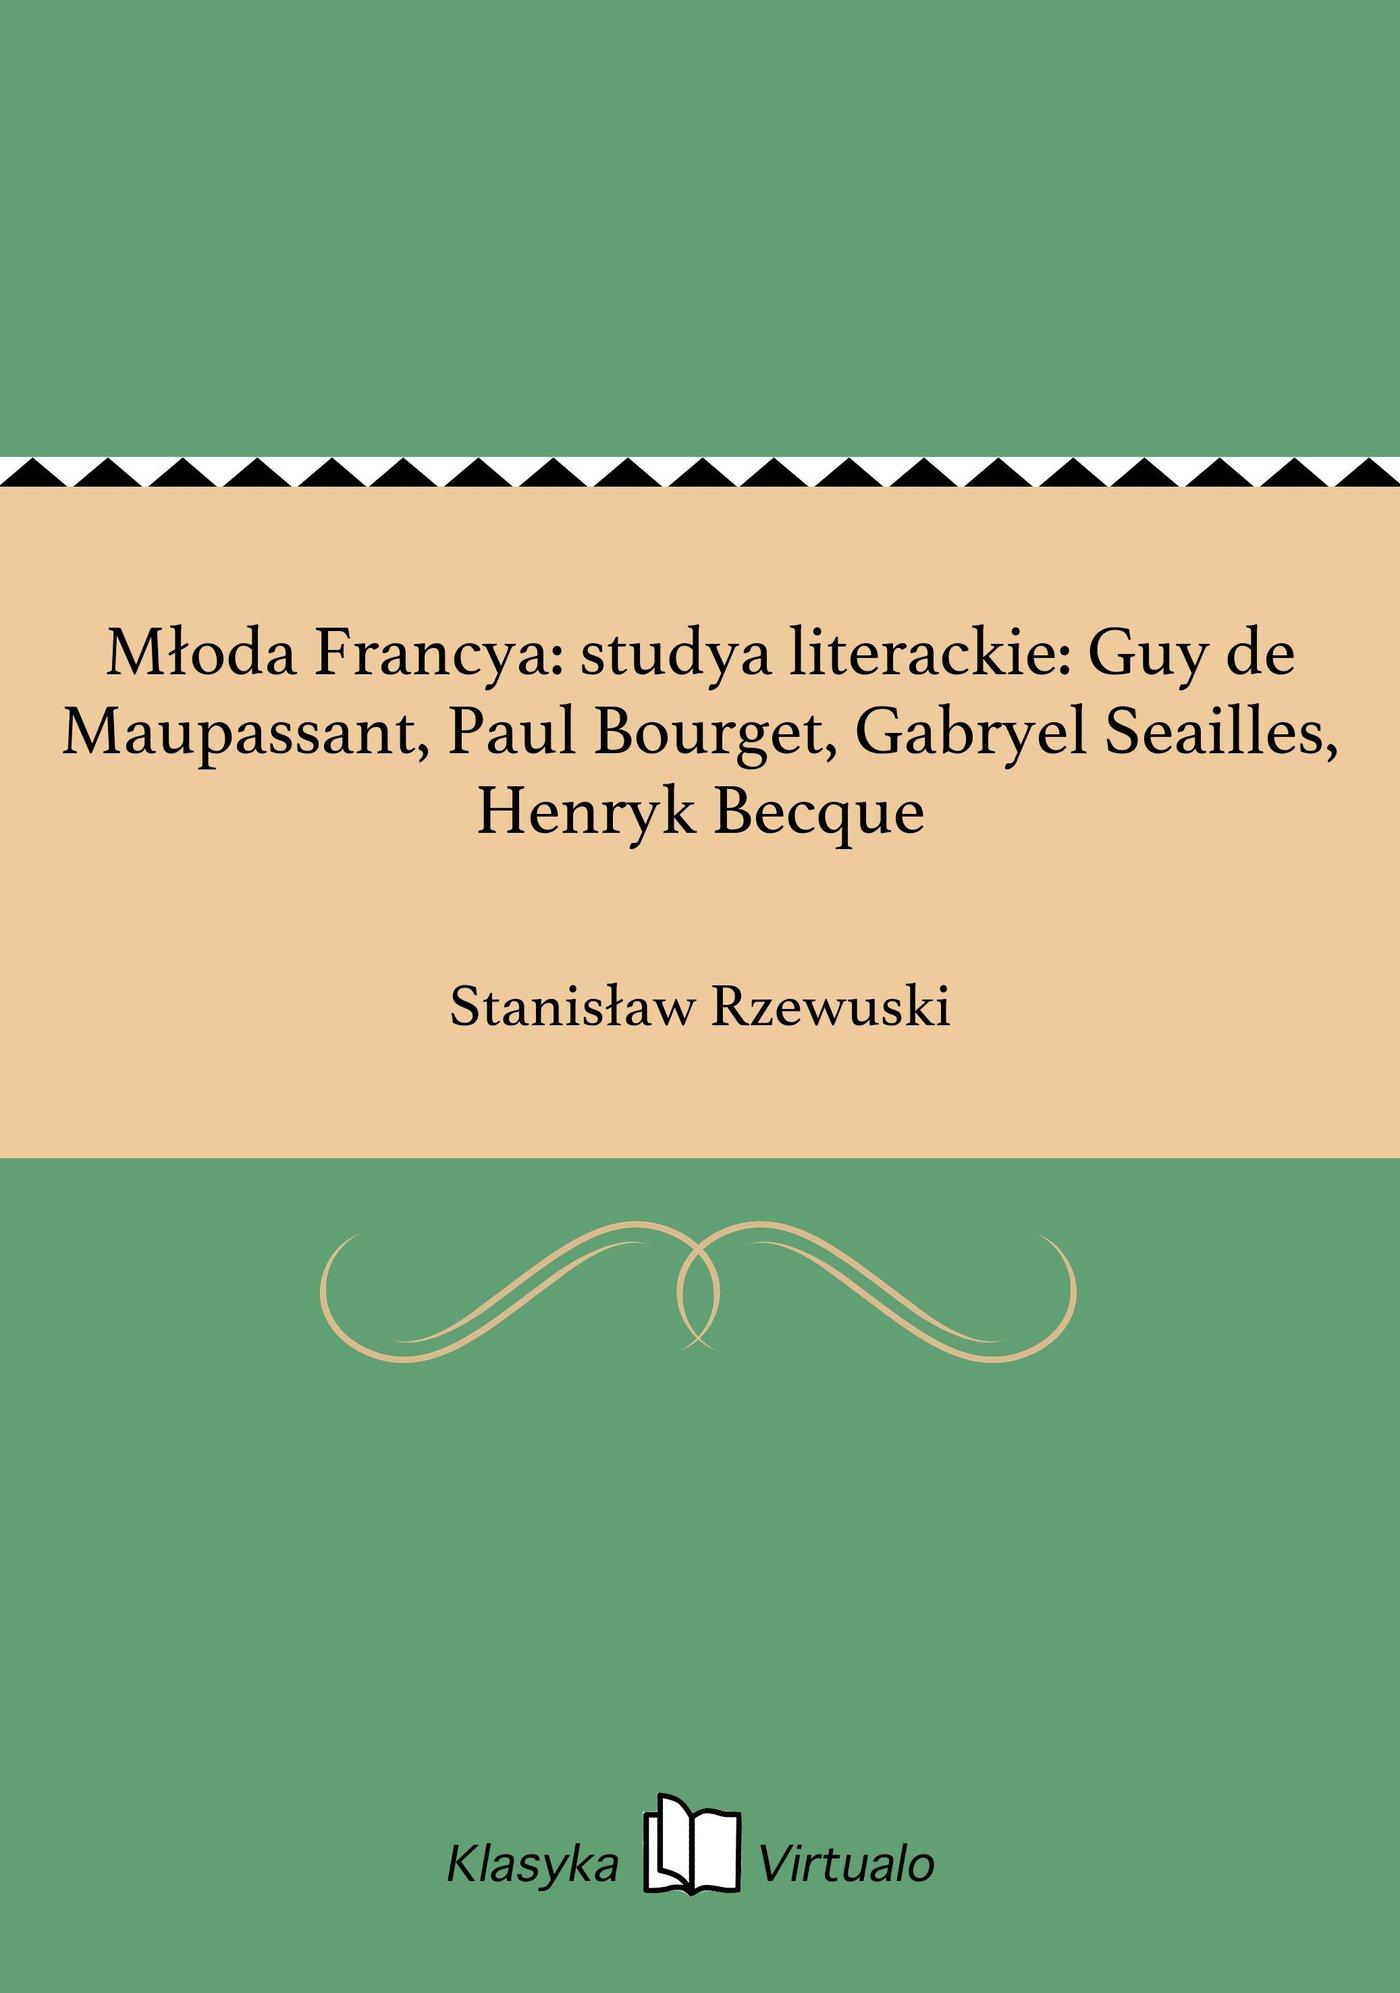 Młoda Francya: studya literackie: Guy de Maupassant, Paul Bourget, Gabryel Seailles, Henryk Becque - Ebook (Książka na Kindle) do pobrania w formacie MOBI